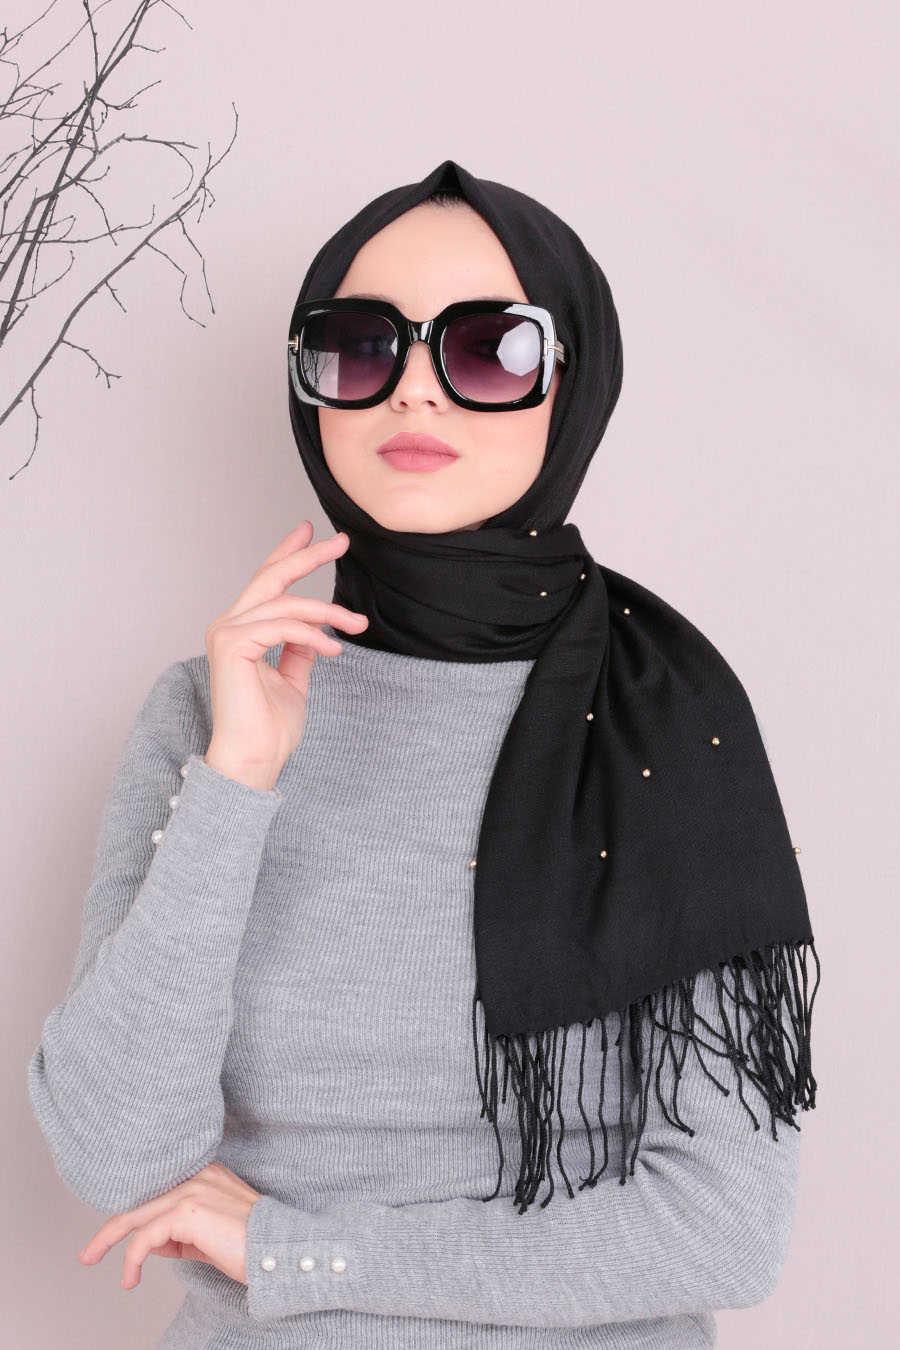 Shawl - Neva Style Black Shawl 7492S